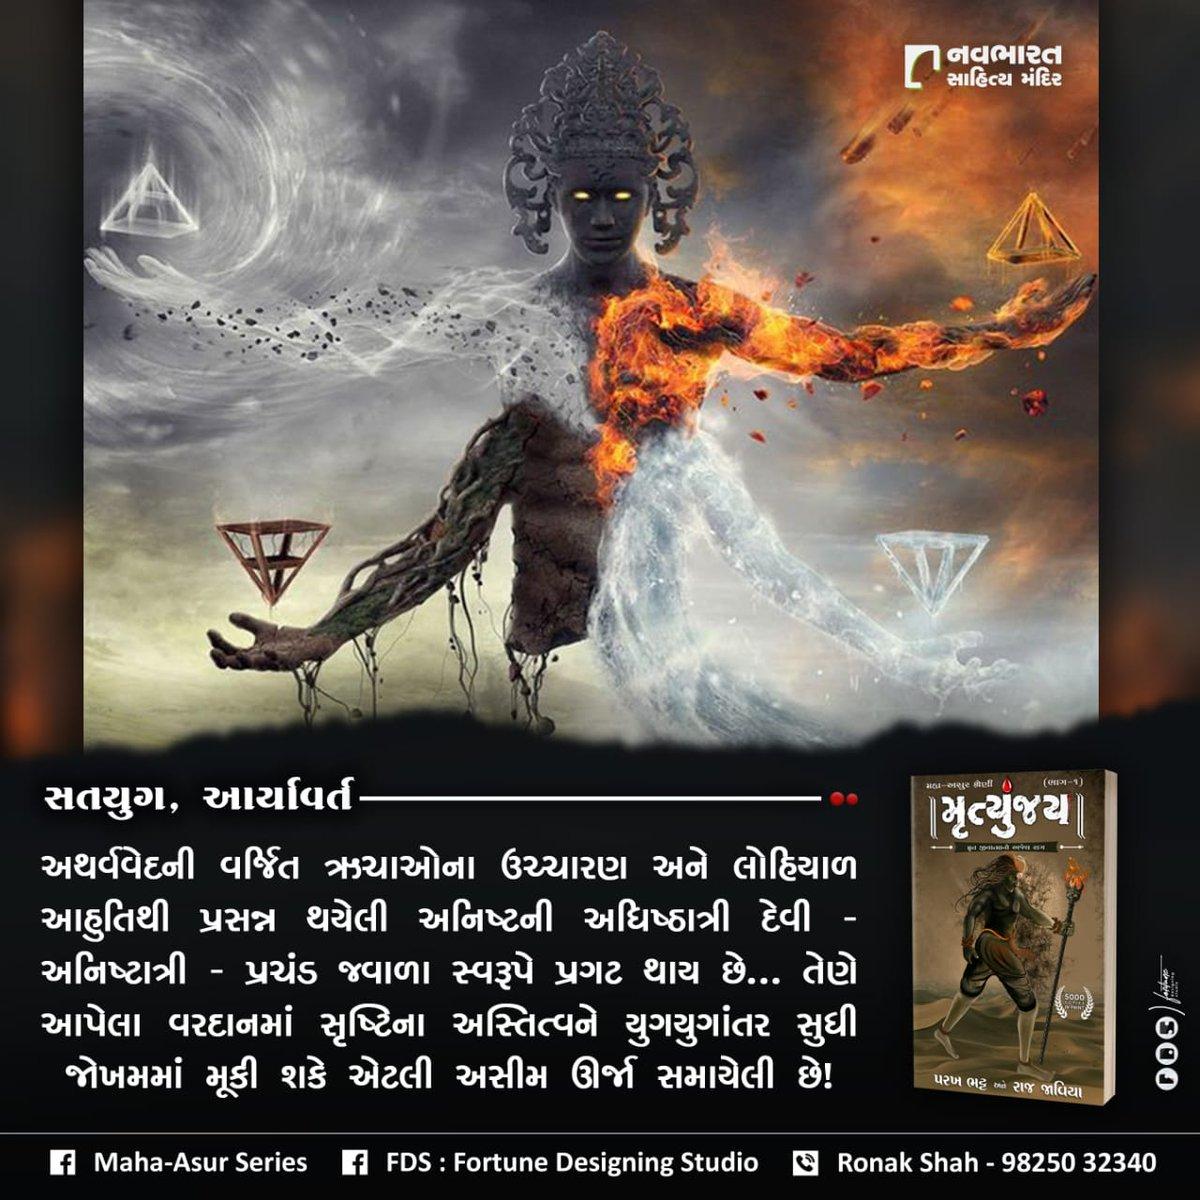 ગુજરાતી ભાષાની સર્વપ્રથમ મૉડર્ન માયથોલોજિકલ થ્રિલર 'મૃત્યુંજય' આગામી ૧૧મી માર્ચ એટલે કે મહાશિવરાત્રિના મહાપર્વ પર પ્રકાશિત થશે.  https://t.co/Yv9OBpkJKP   તમારી નકલ આજે જ બૂક કરાવો.  #gujarati #novel #authors #modern #mythology #thriller #h